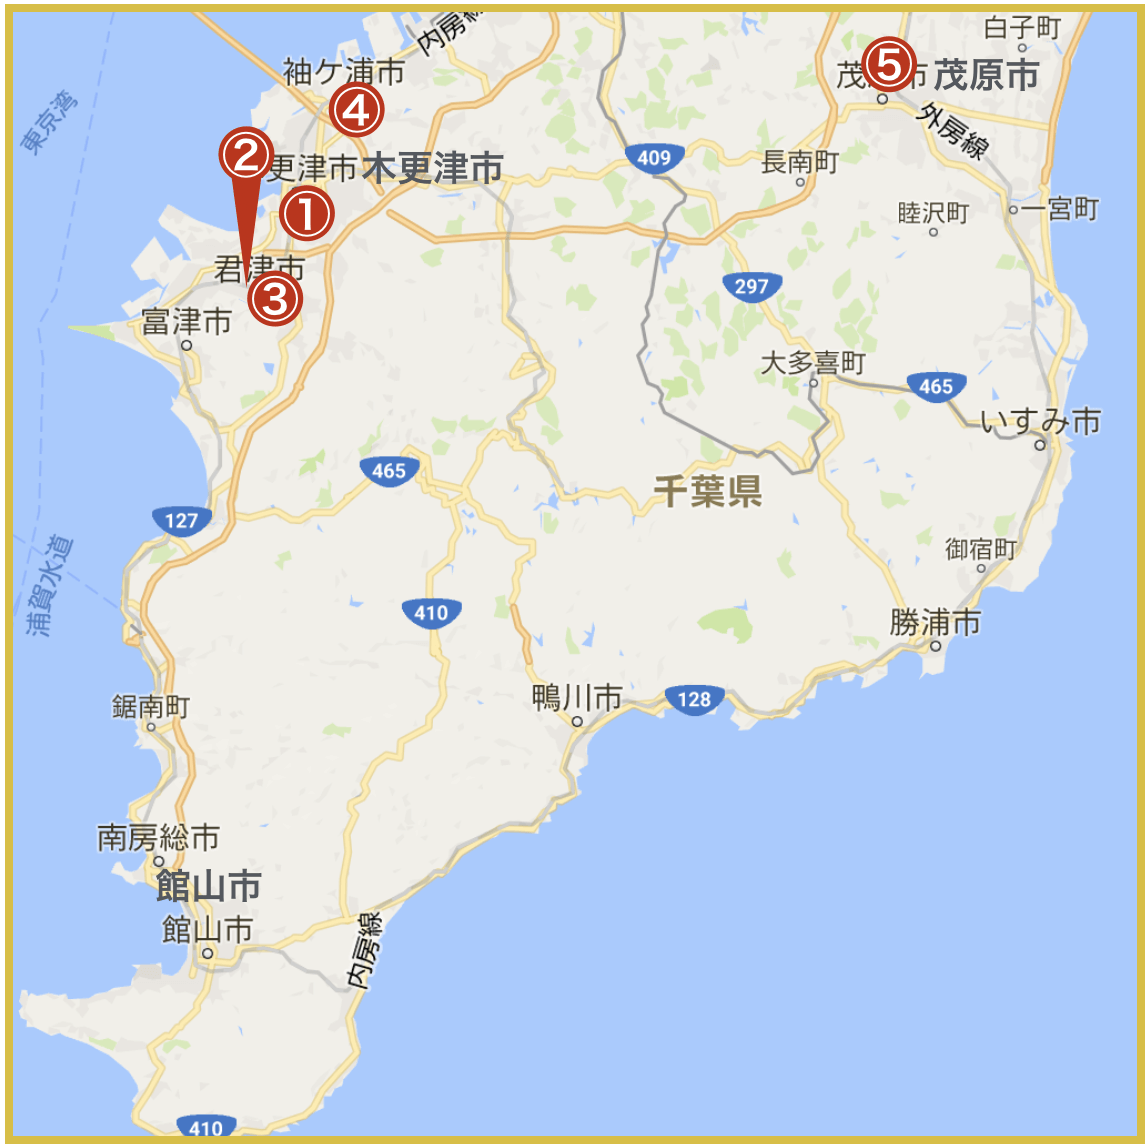 千葉県南地域にあるアコム店舗・ATMの情報